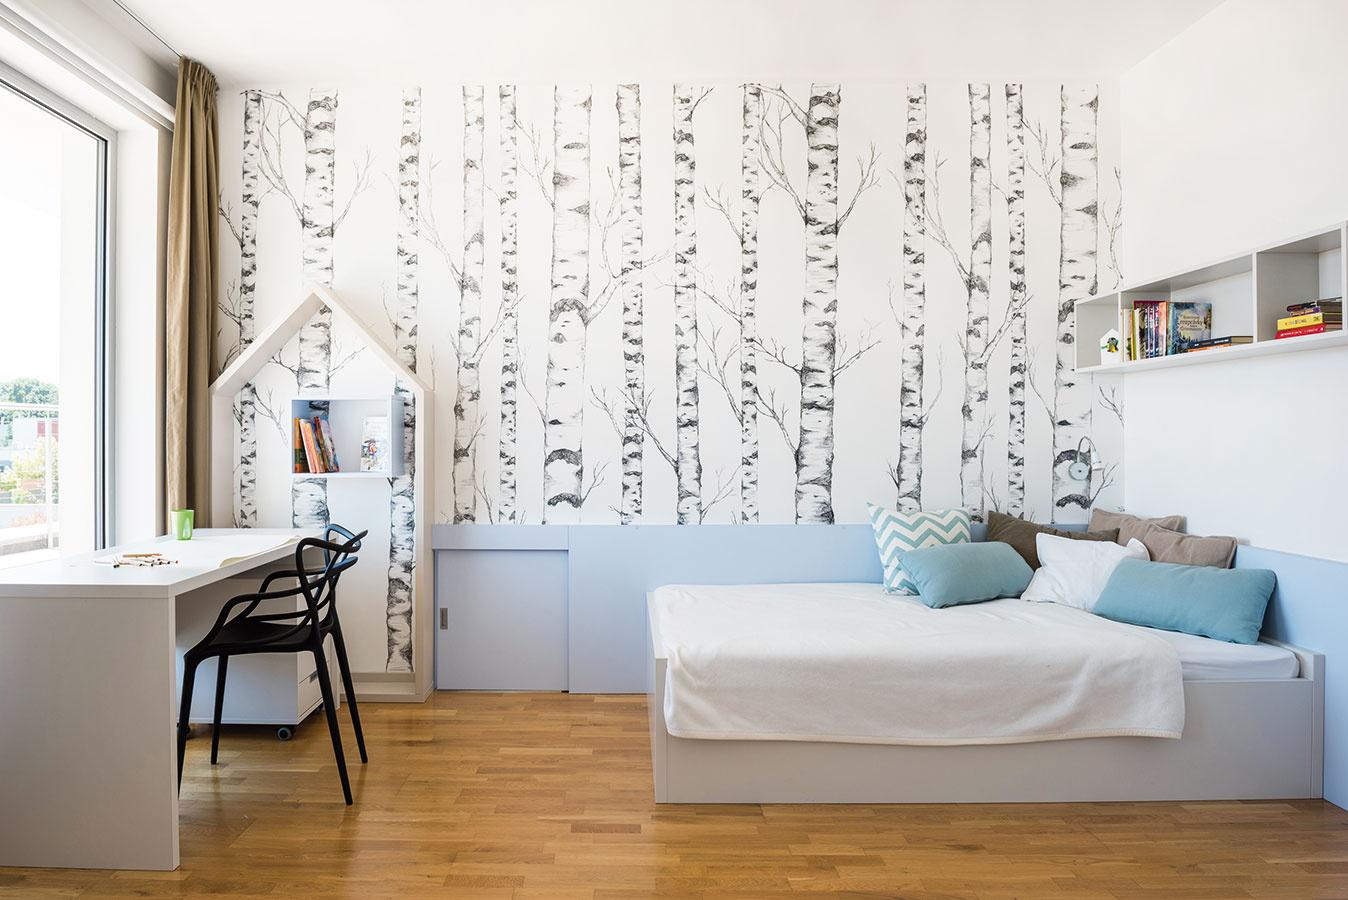 Starší Adamko je podľa slov majiteľky pomerne divoký. Preto sa vjeho izbe použila biela asvetlomodrá farebnosť nábytku doplnená svetlou drevenou podlahou, čo by malo pôsobiť upokojujúco.